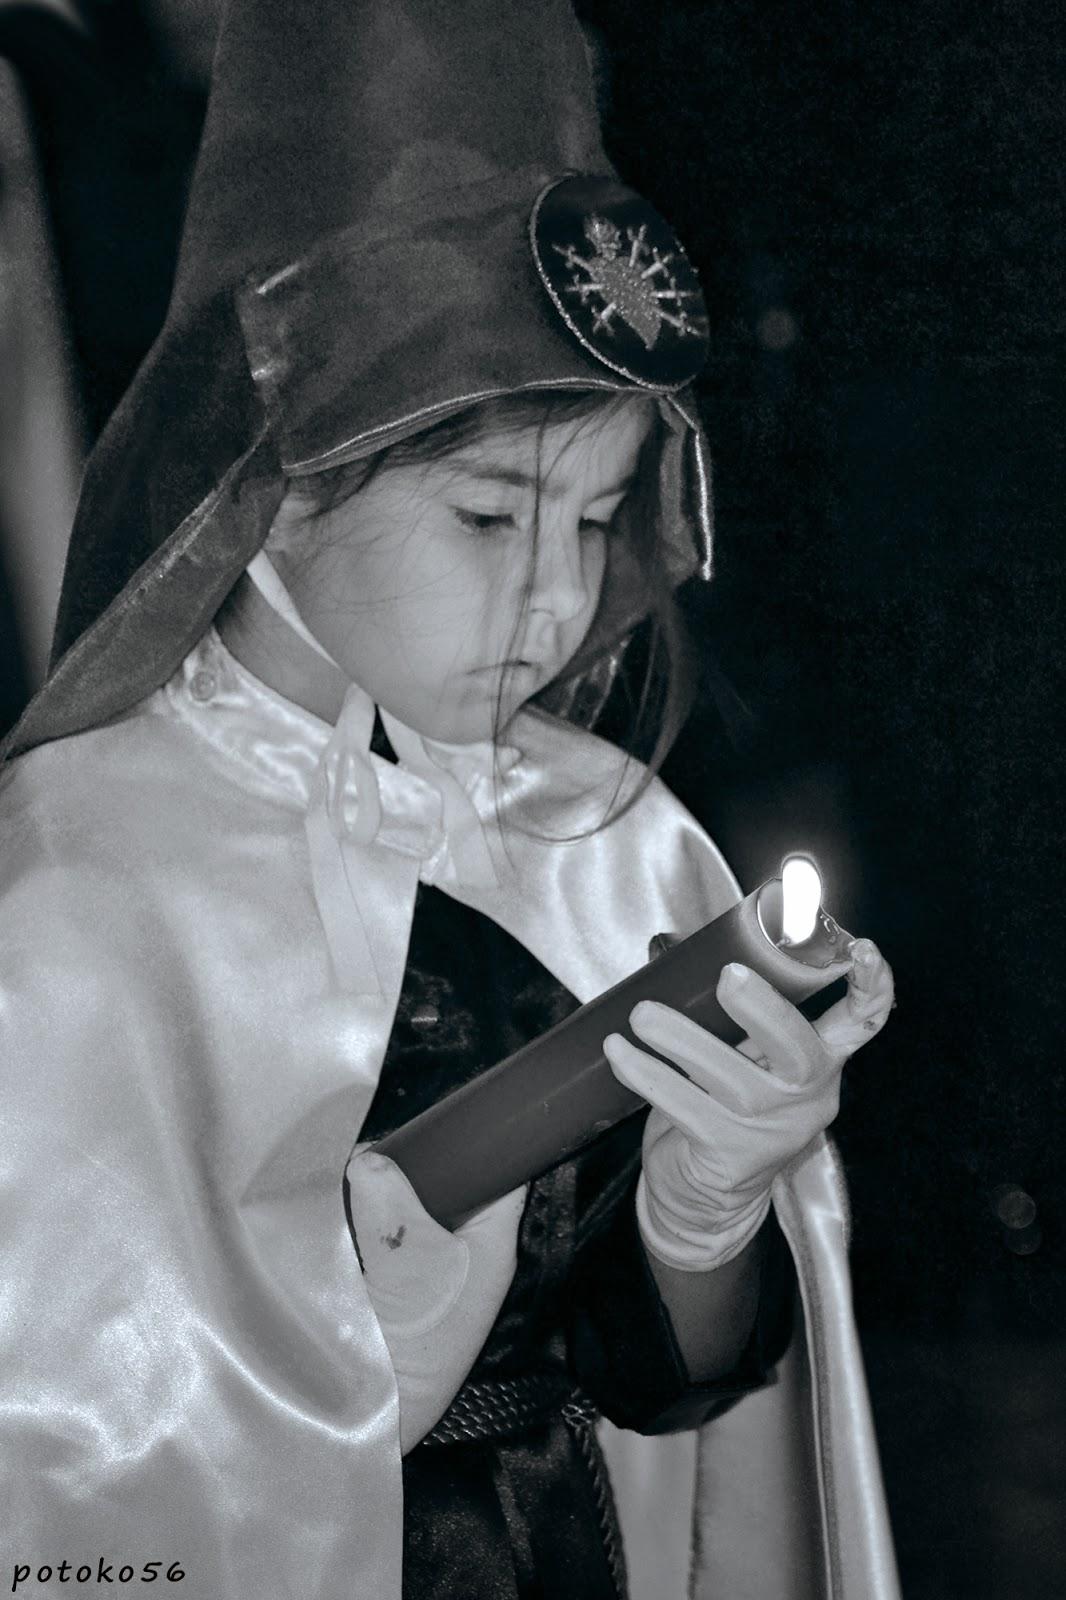 Semana Santa una penitente quitando cera a su cirio Rota